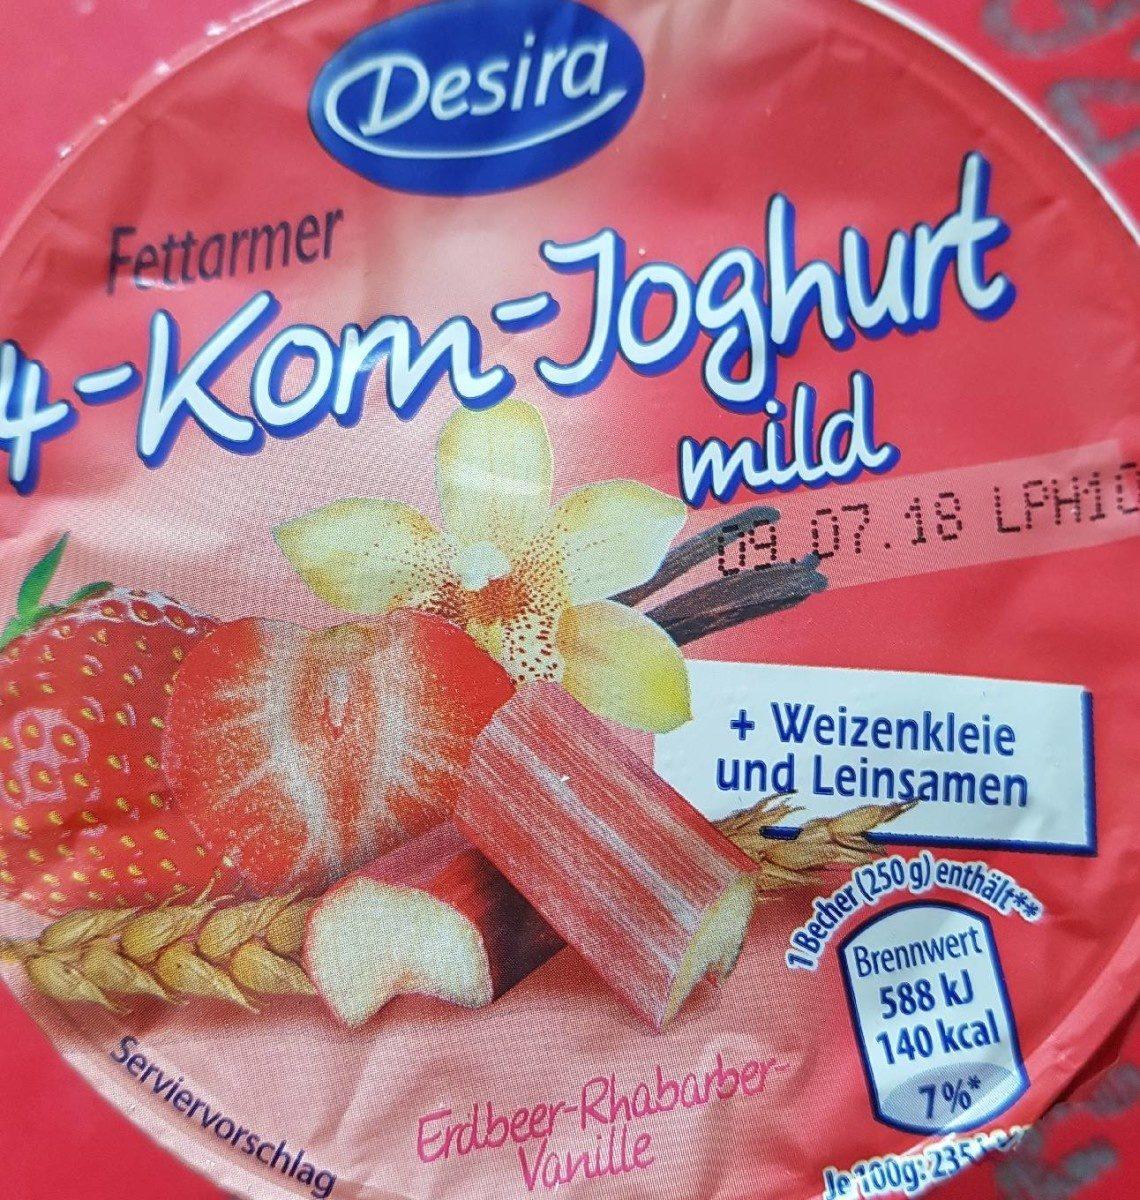 Leichter 4 Korn Joghurt mild, Bircher Müsli, +Weiz... - Produit